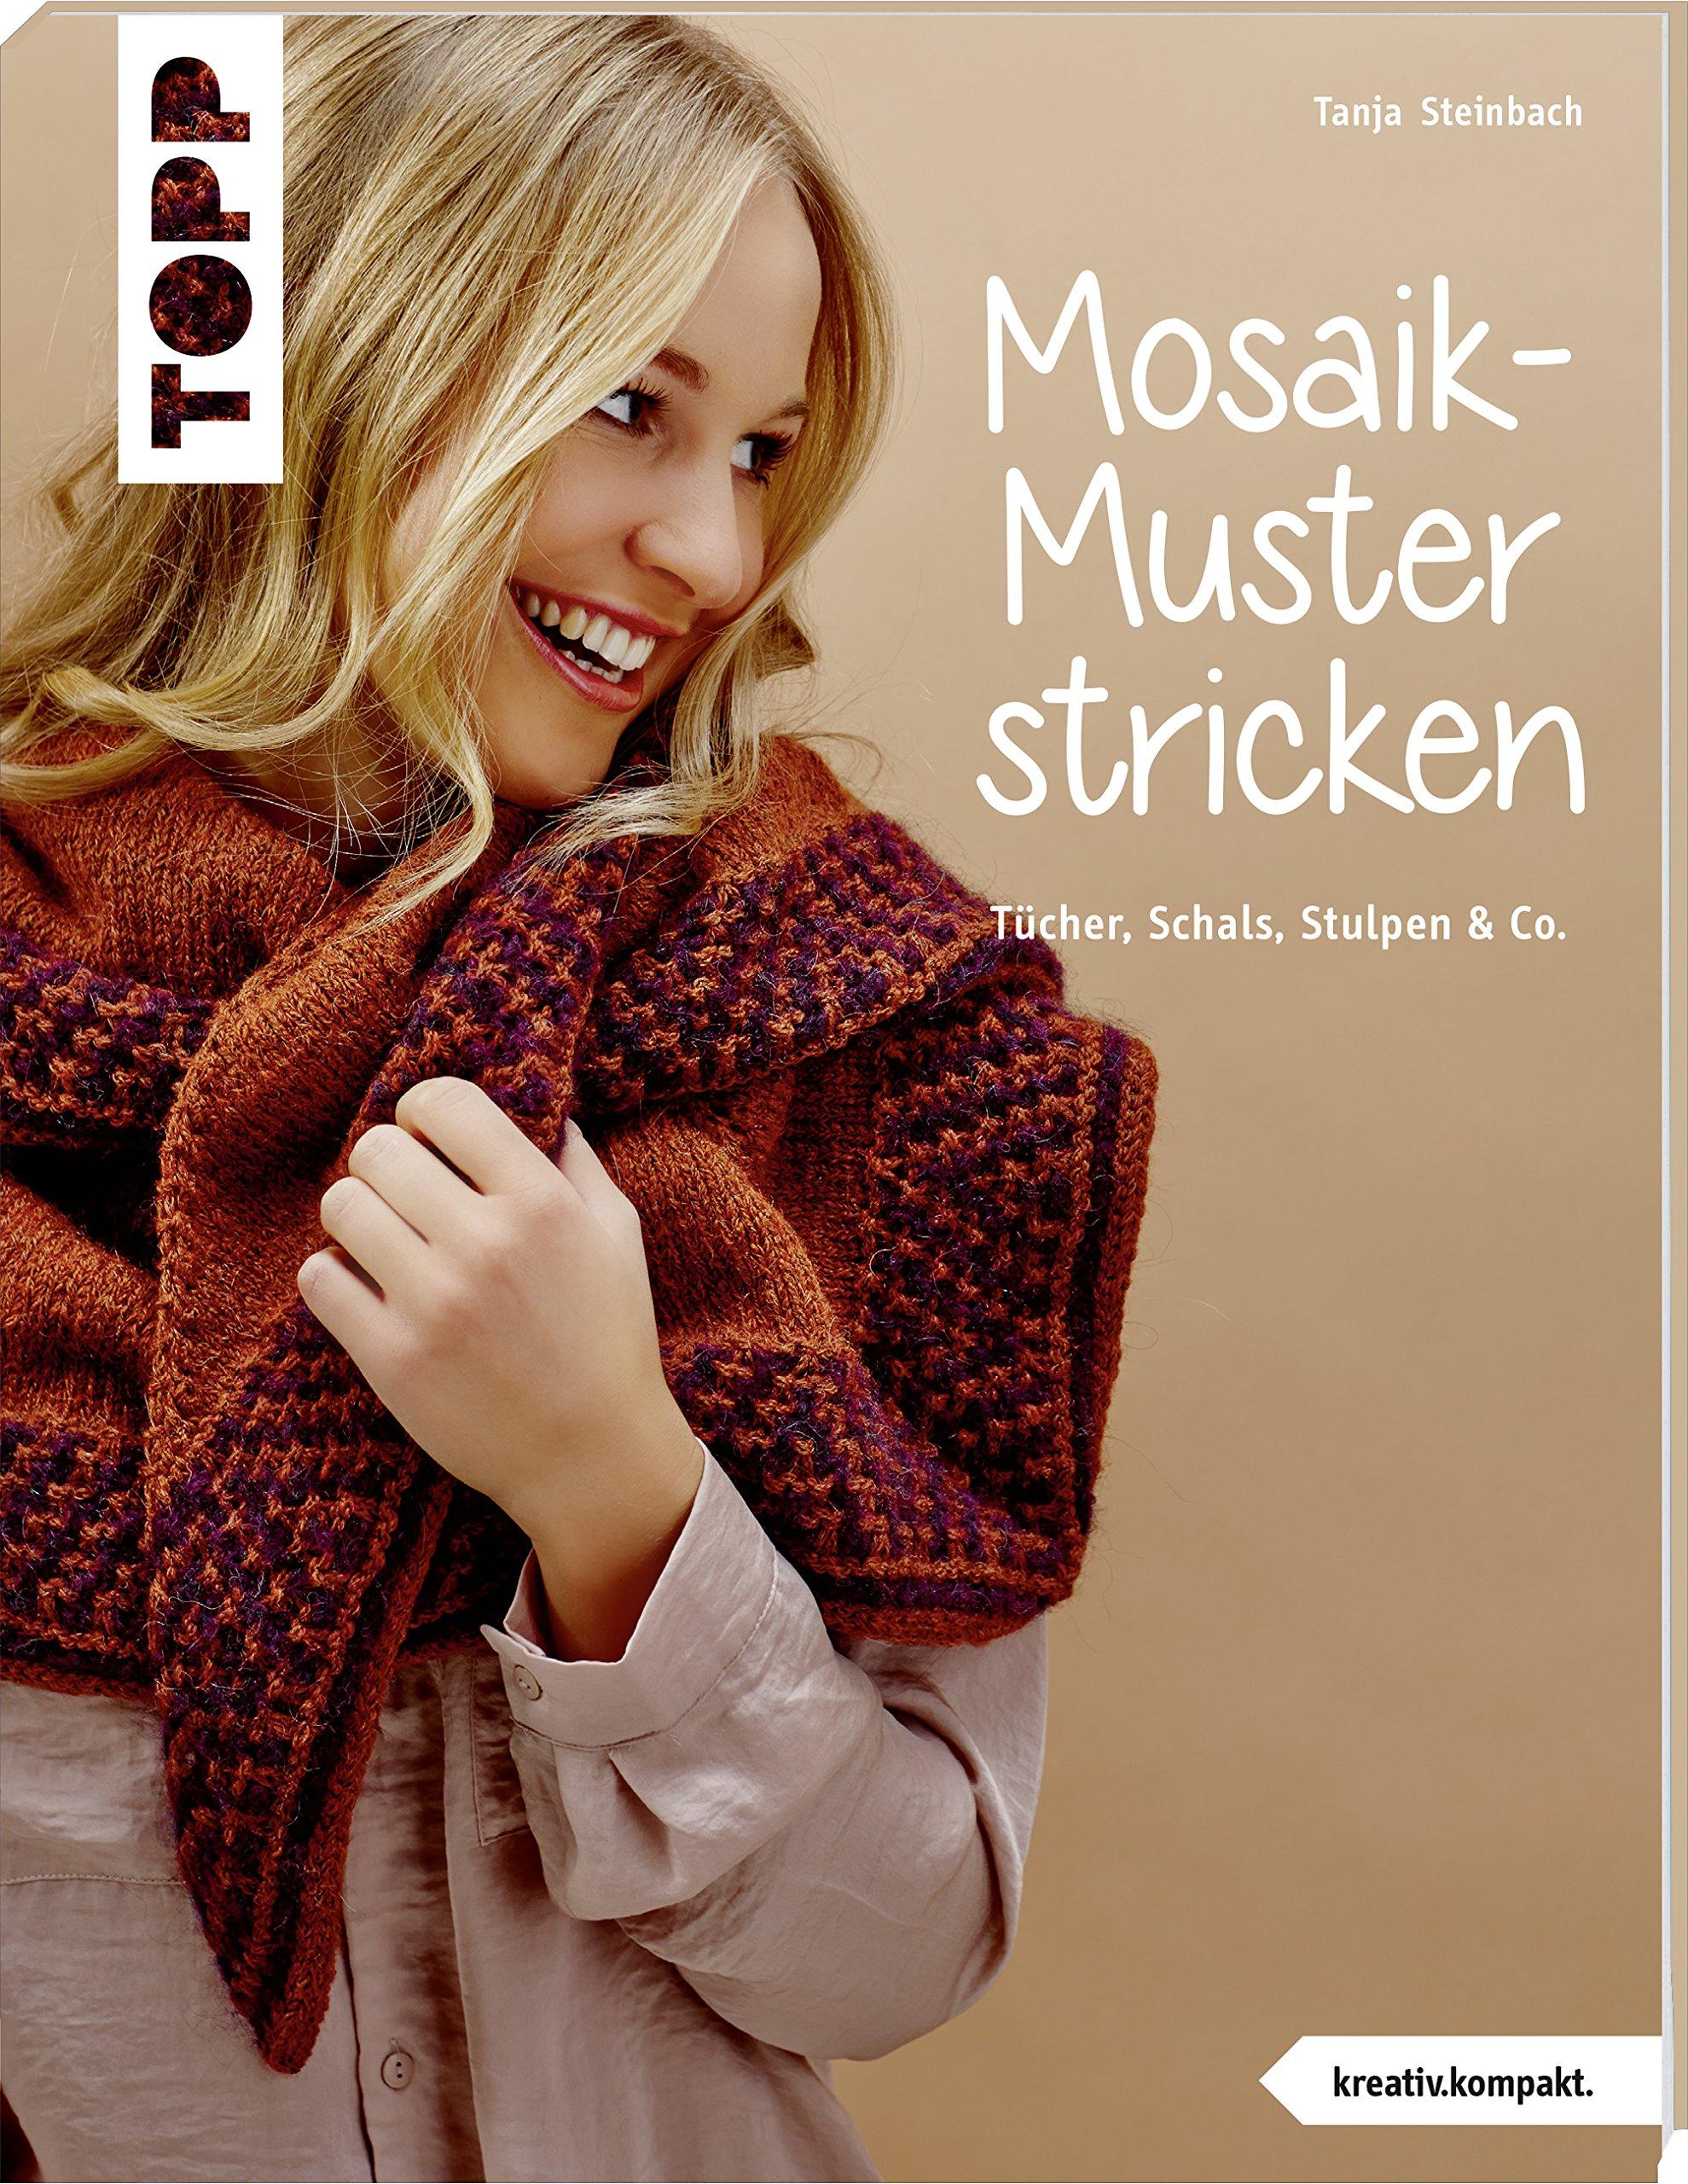 Mosaik-Muster stricken (kreativ.kompakt.): Tücher, Schals, Stulpen & Co.